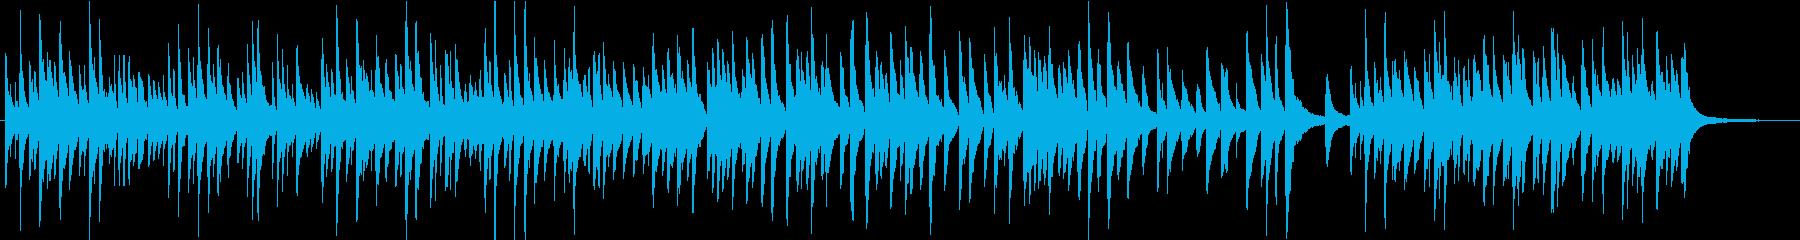 優しく繊細なメロディによるピアノ曲の再生済みの波形